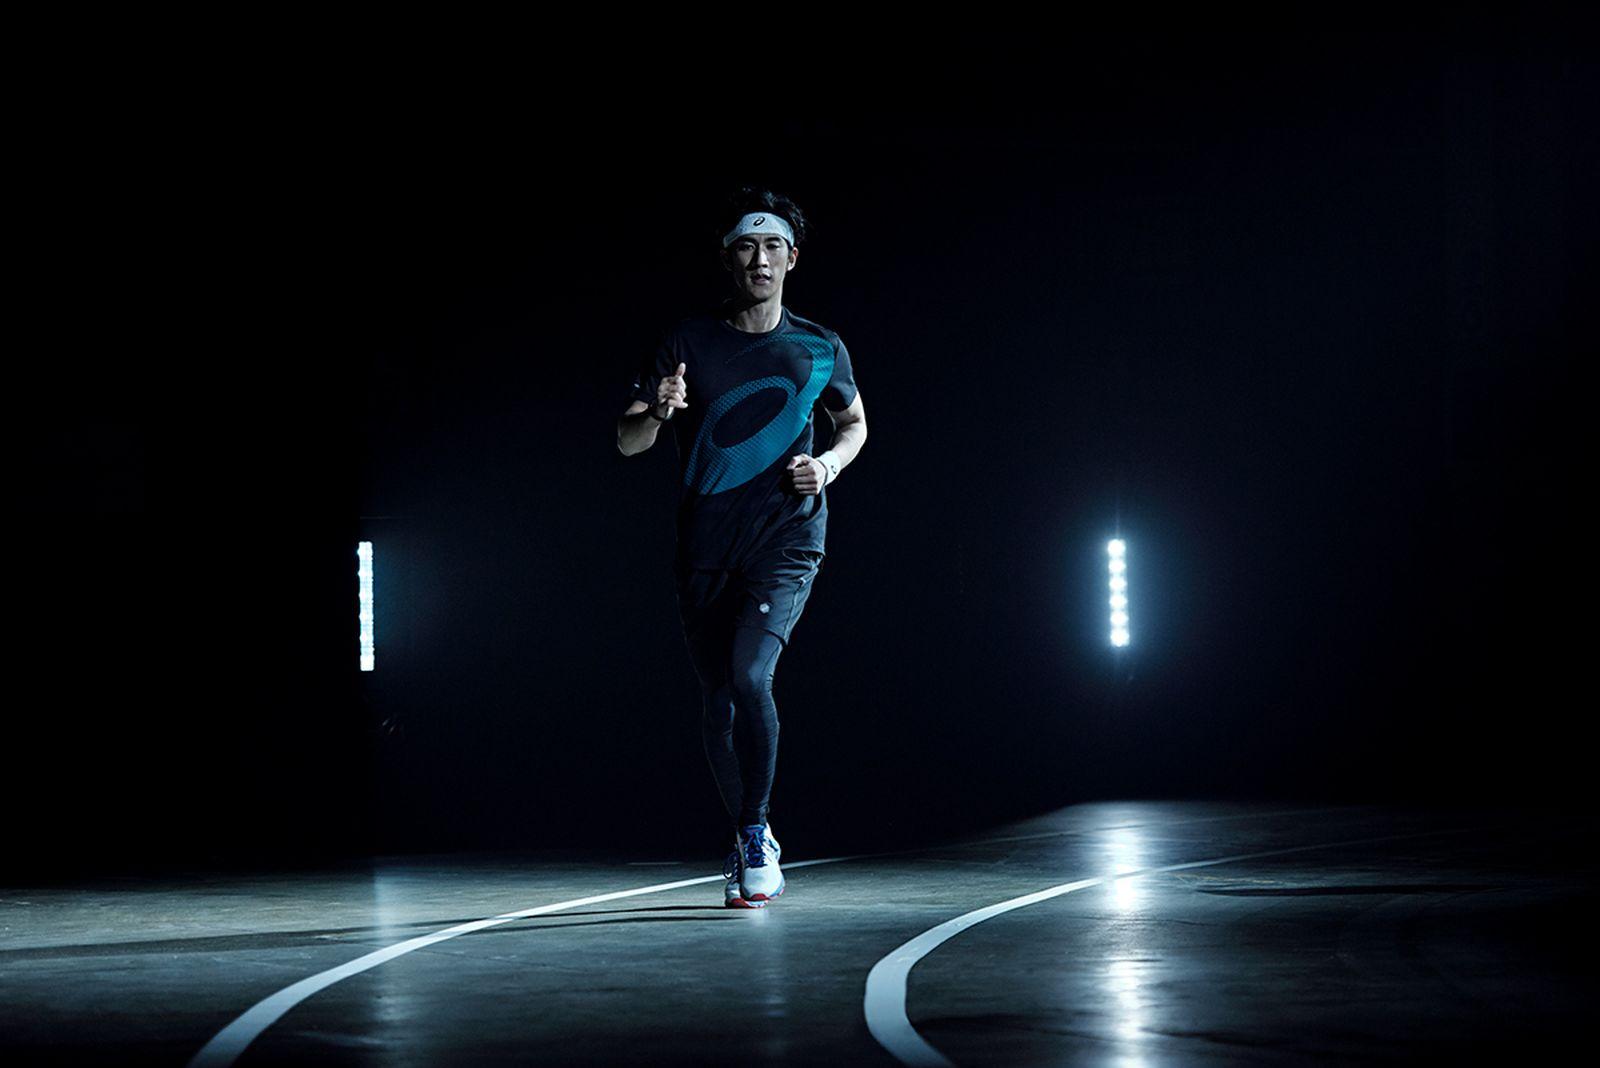 asics04 ASCIS indoor sports running